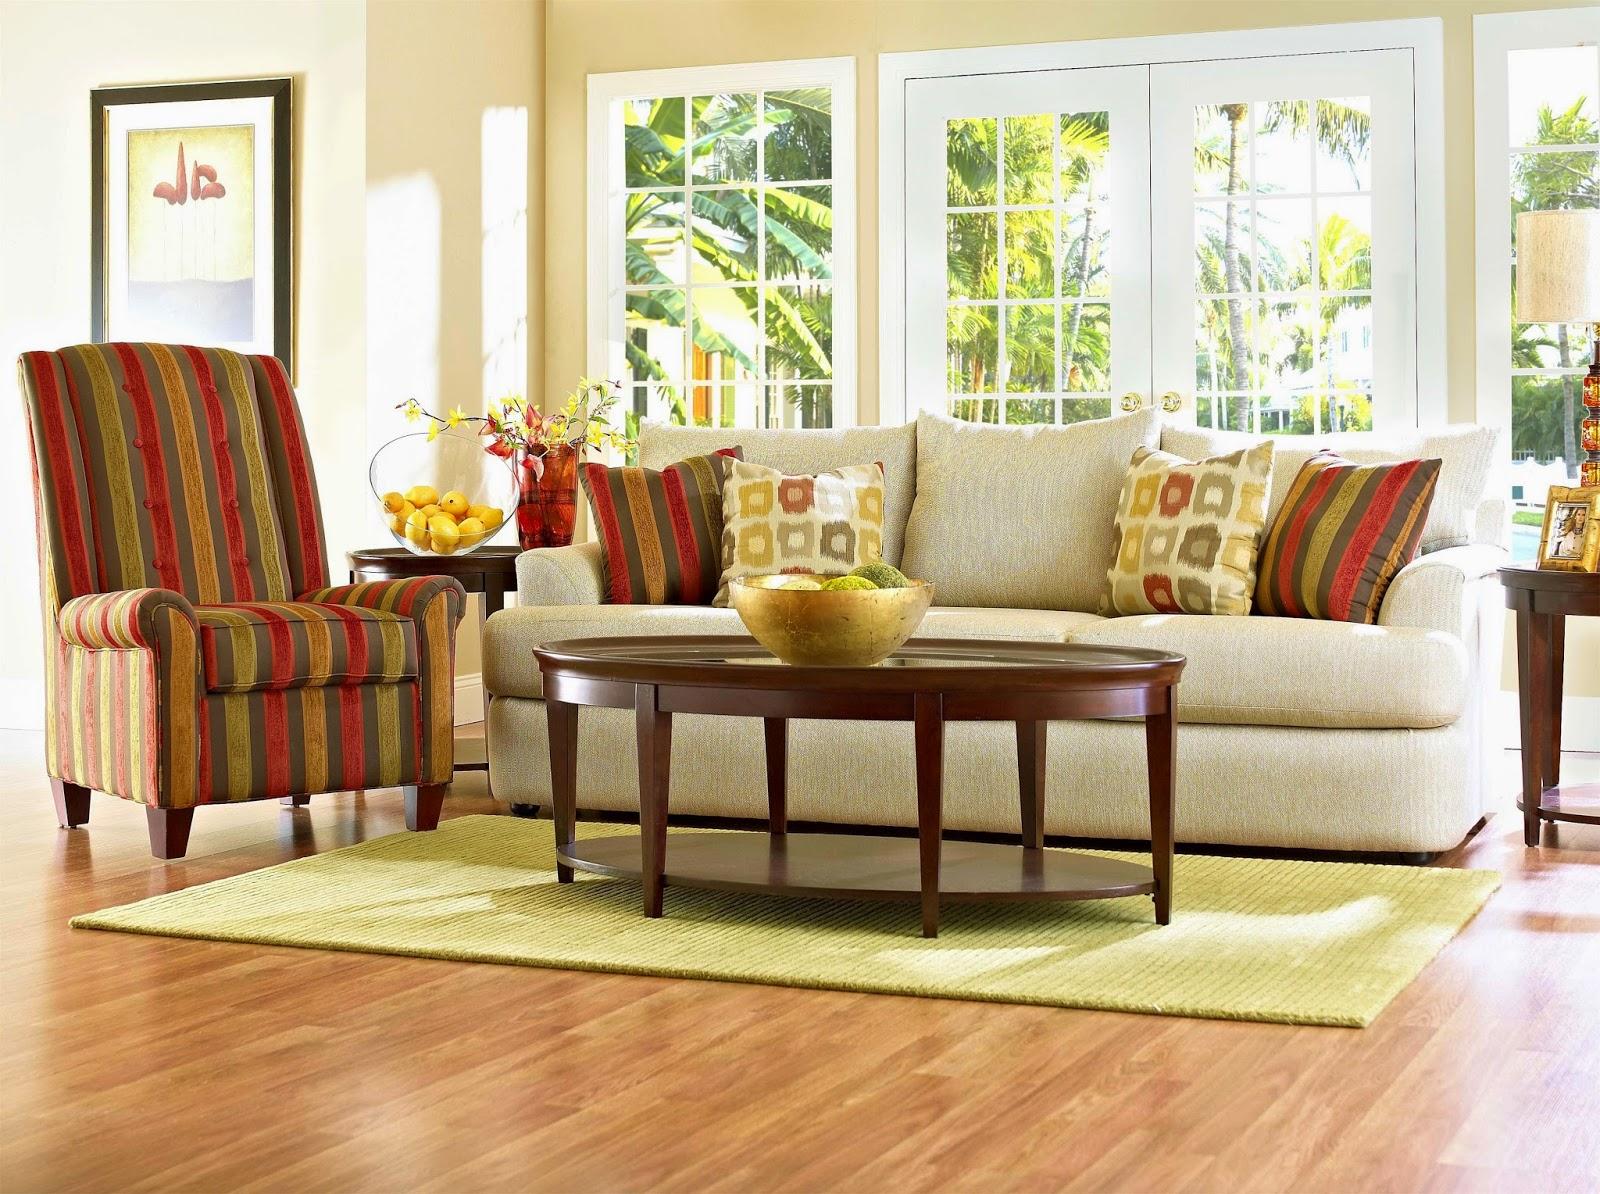 bentuk dan warna sofa